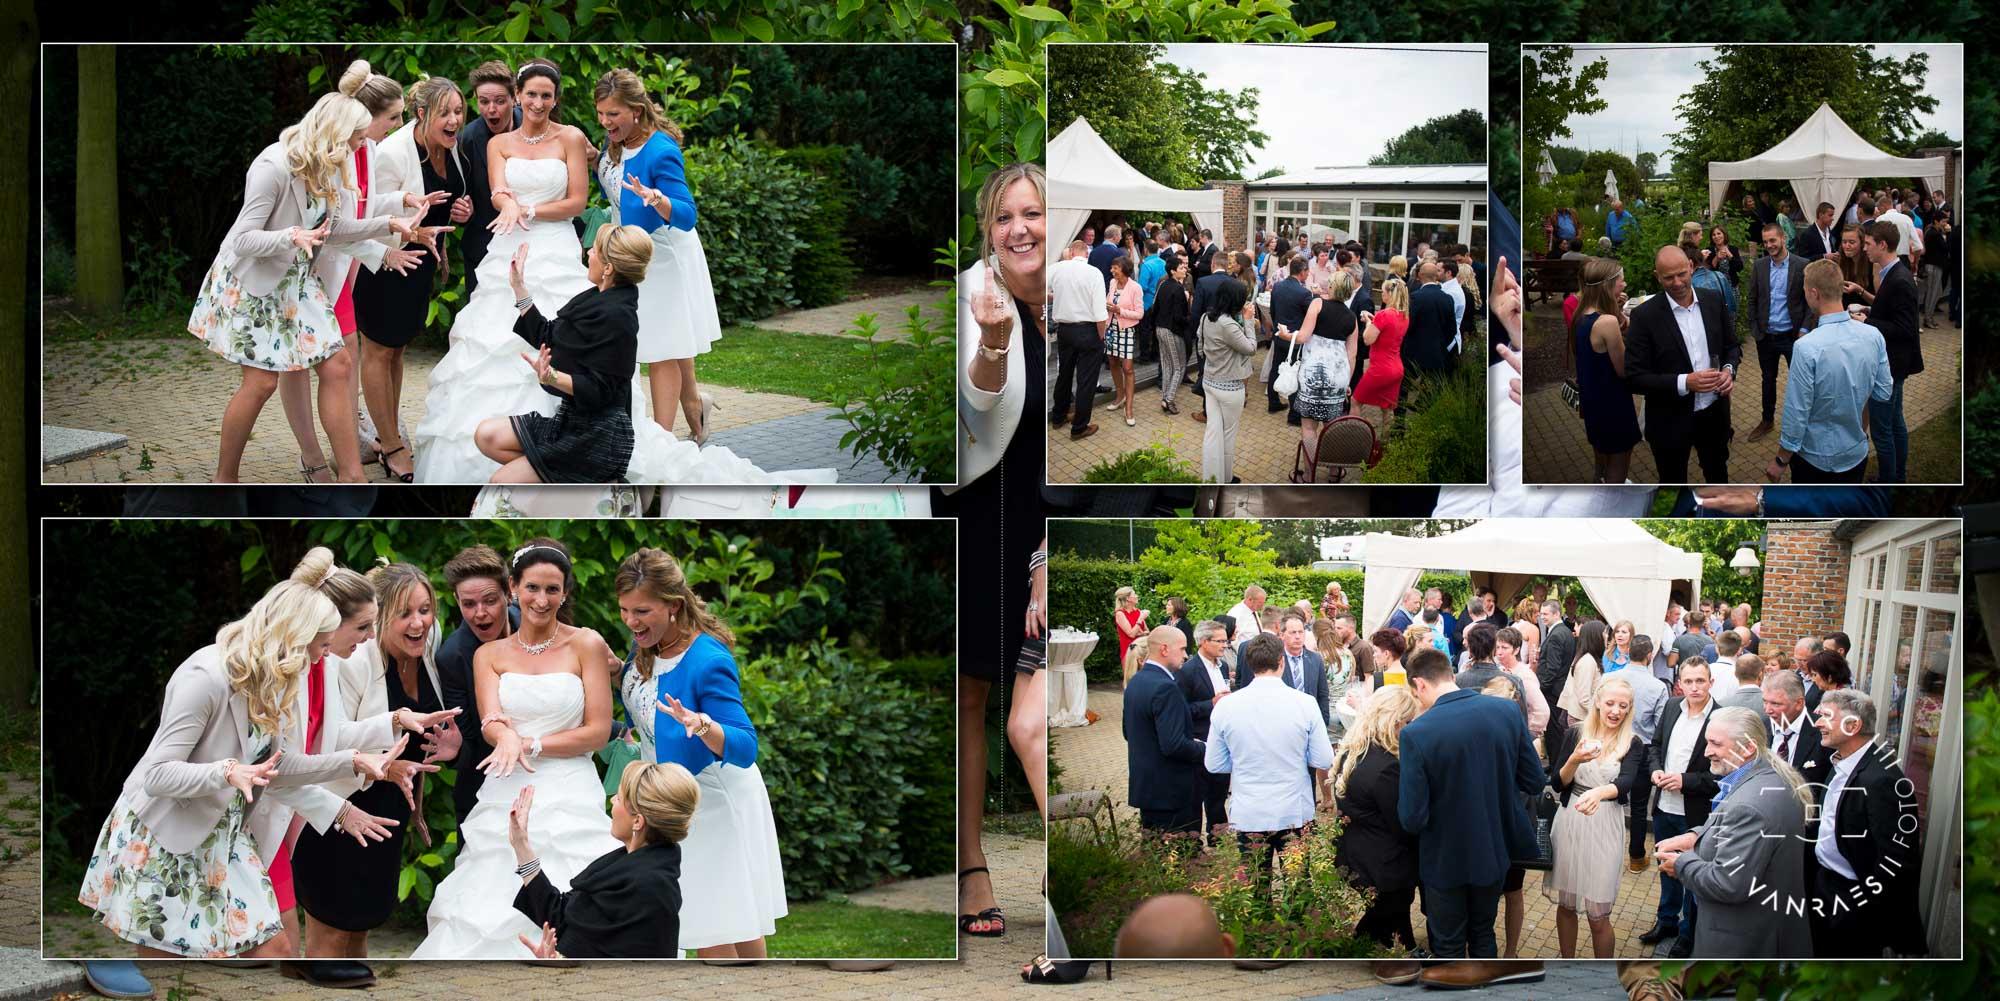 © De trouwfoto's zijn genomen door Fotografie Marc Vanraes-14